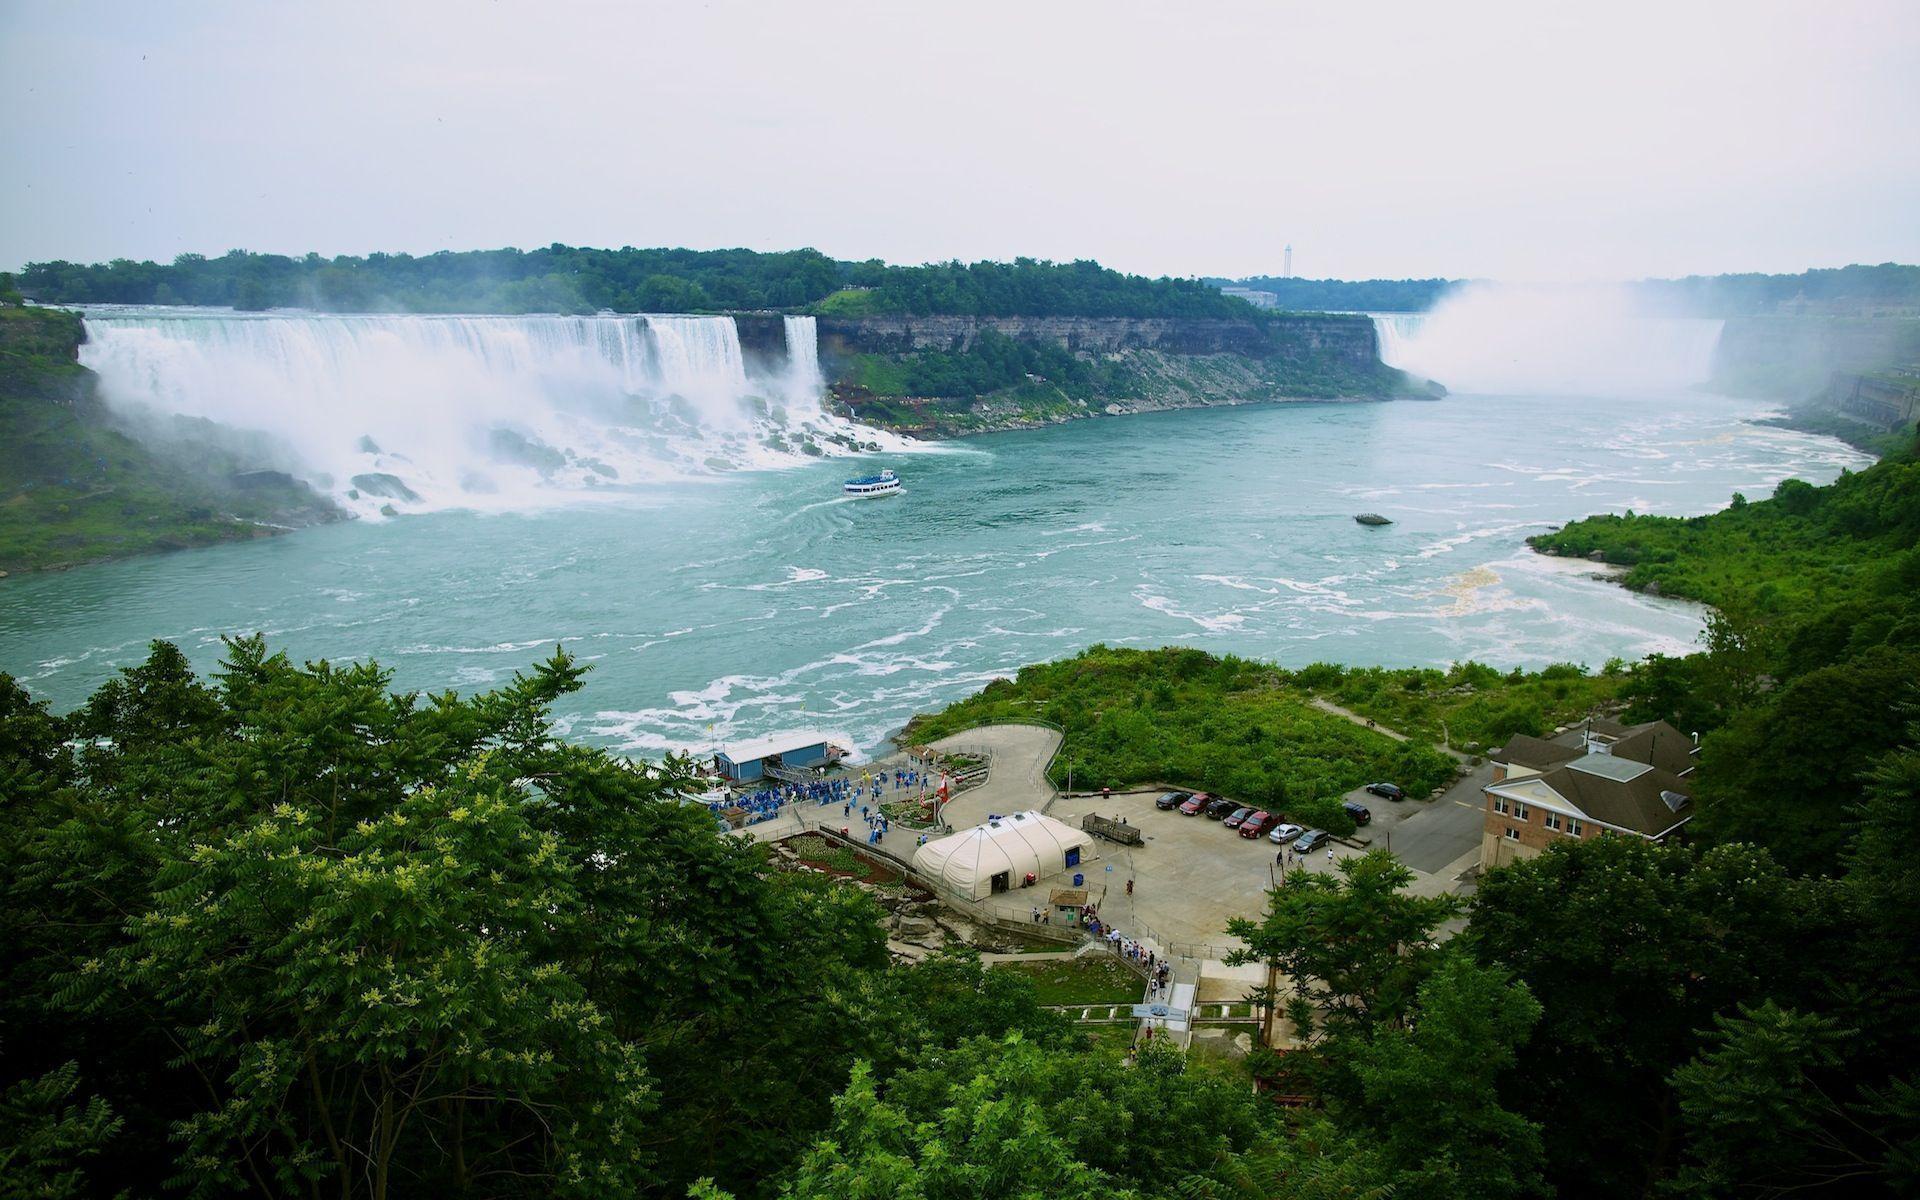 Numa Falls Wallpaper Niagara Falls Backgrounds Wallpaper Cave